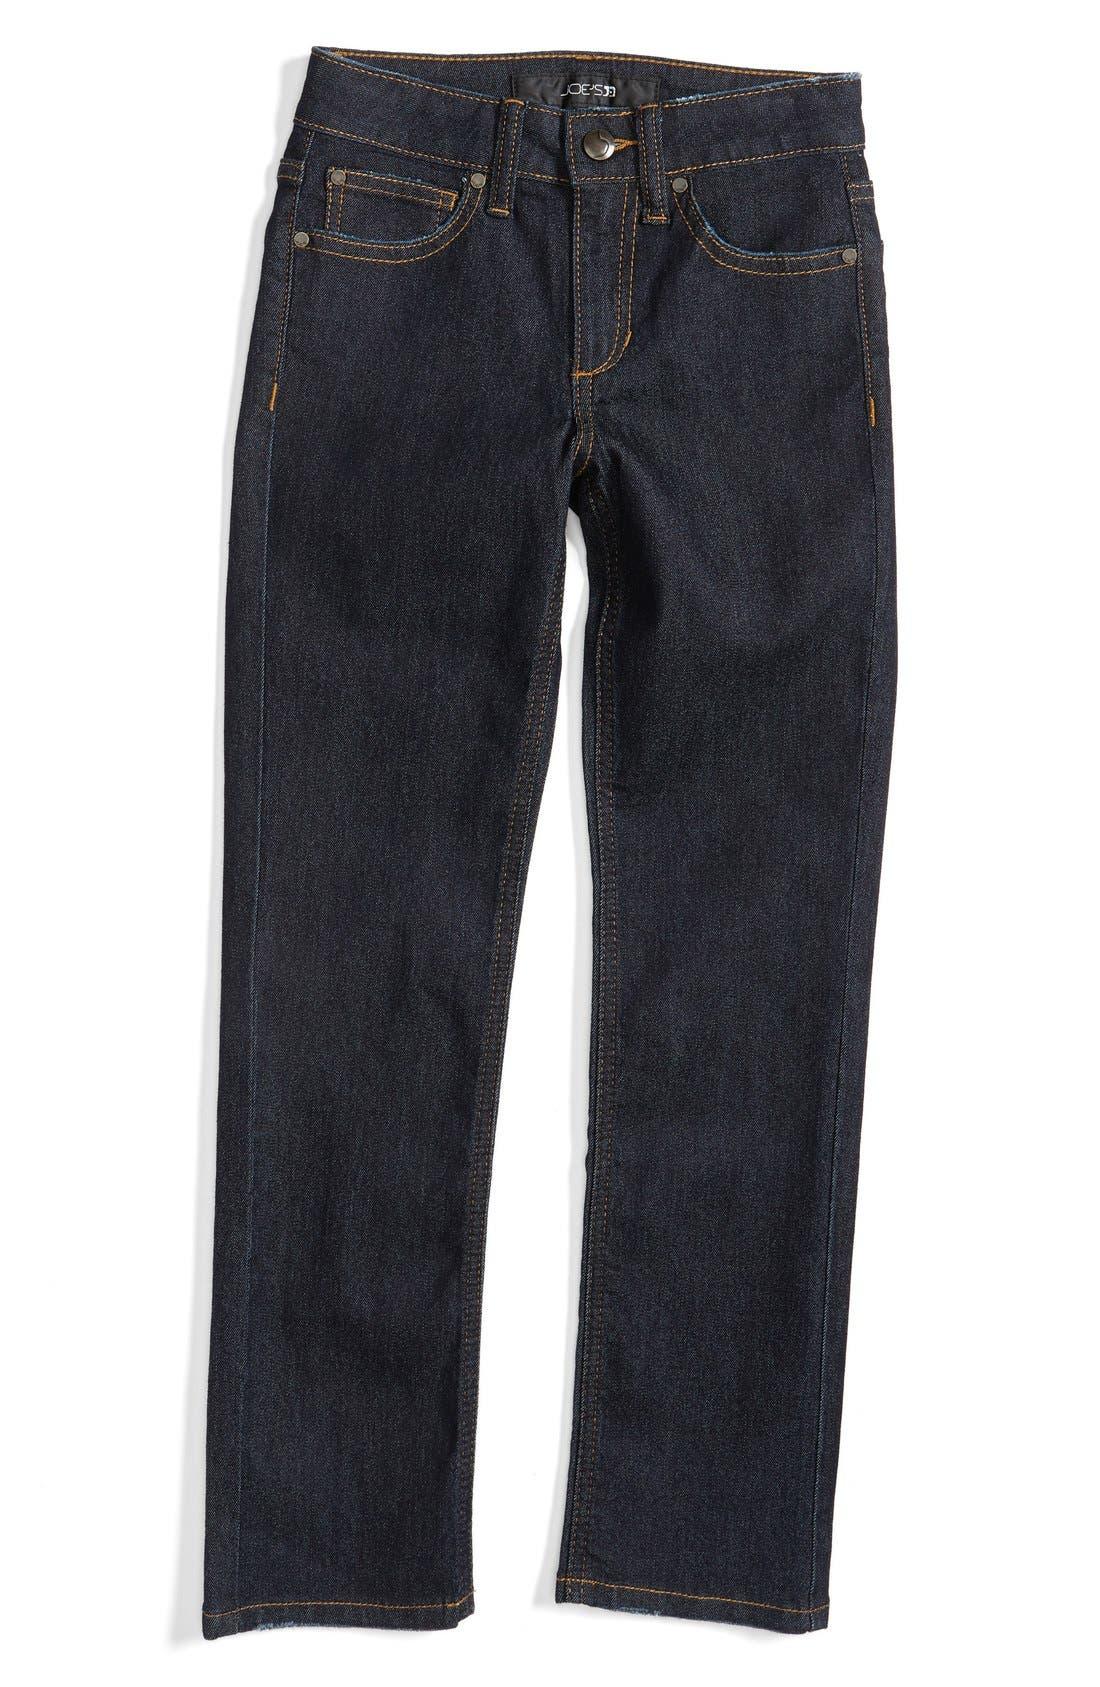 Brixton Straight Leg Jeans,                             Main thumbnail 1, color,                             Ashton